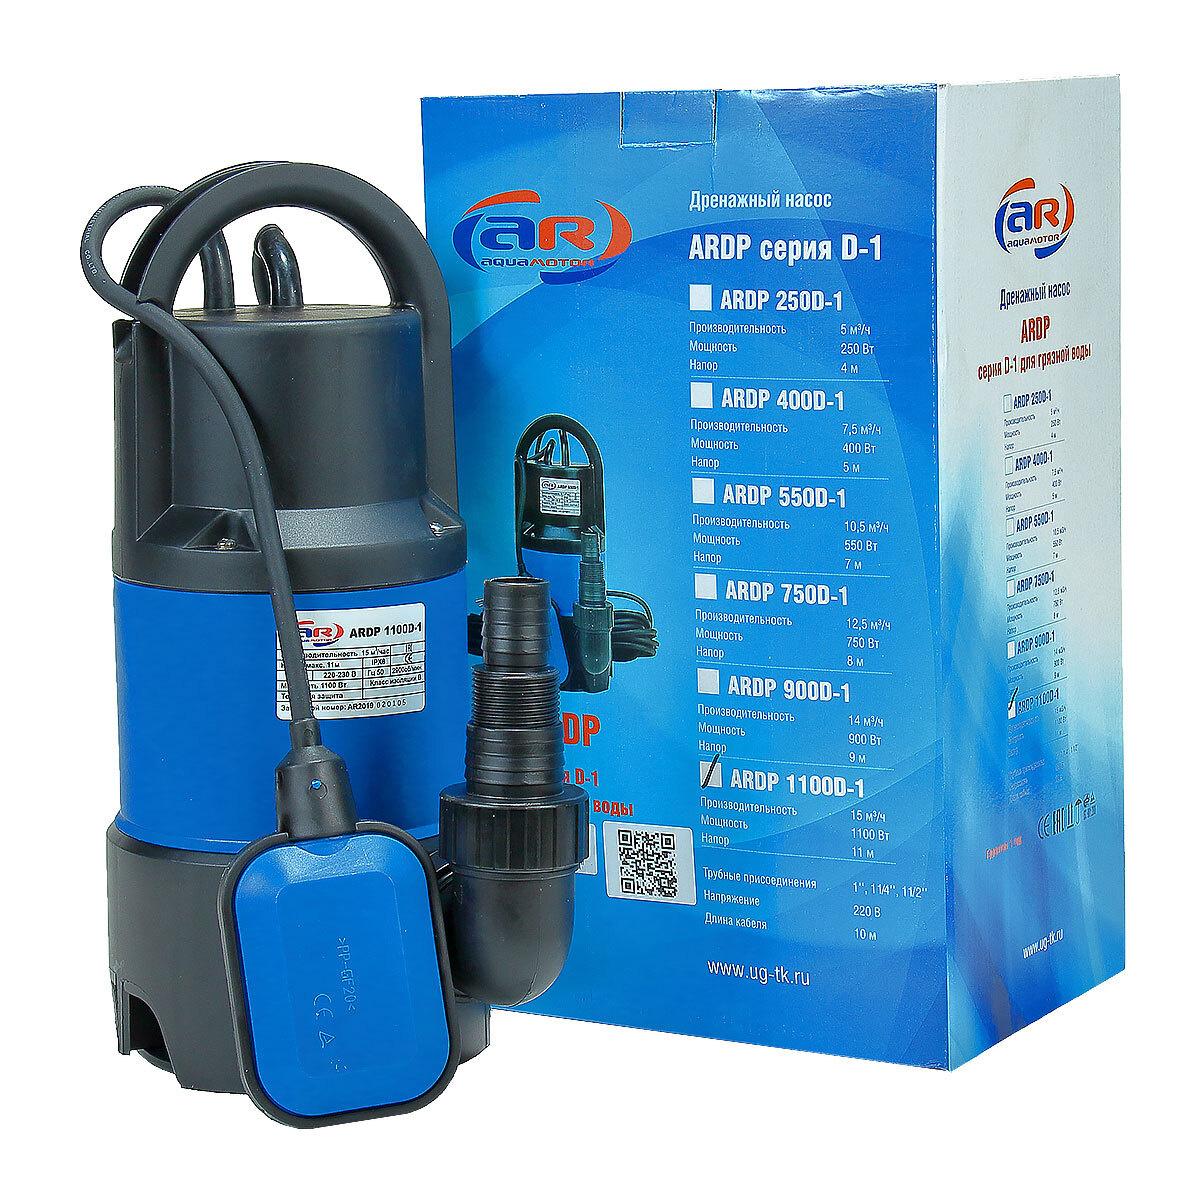 Насос для откачки воды из подвала и его роль в организации автоматического осушения подземного этажа